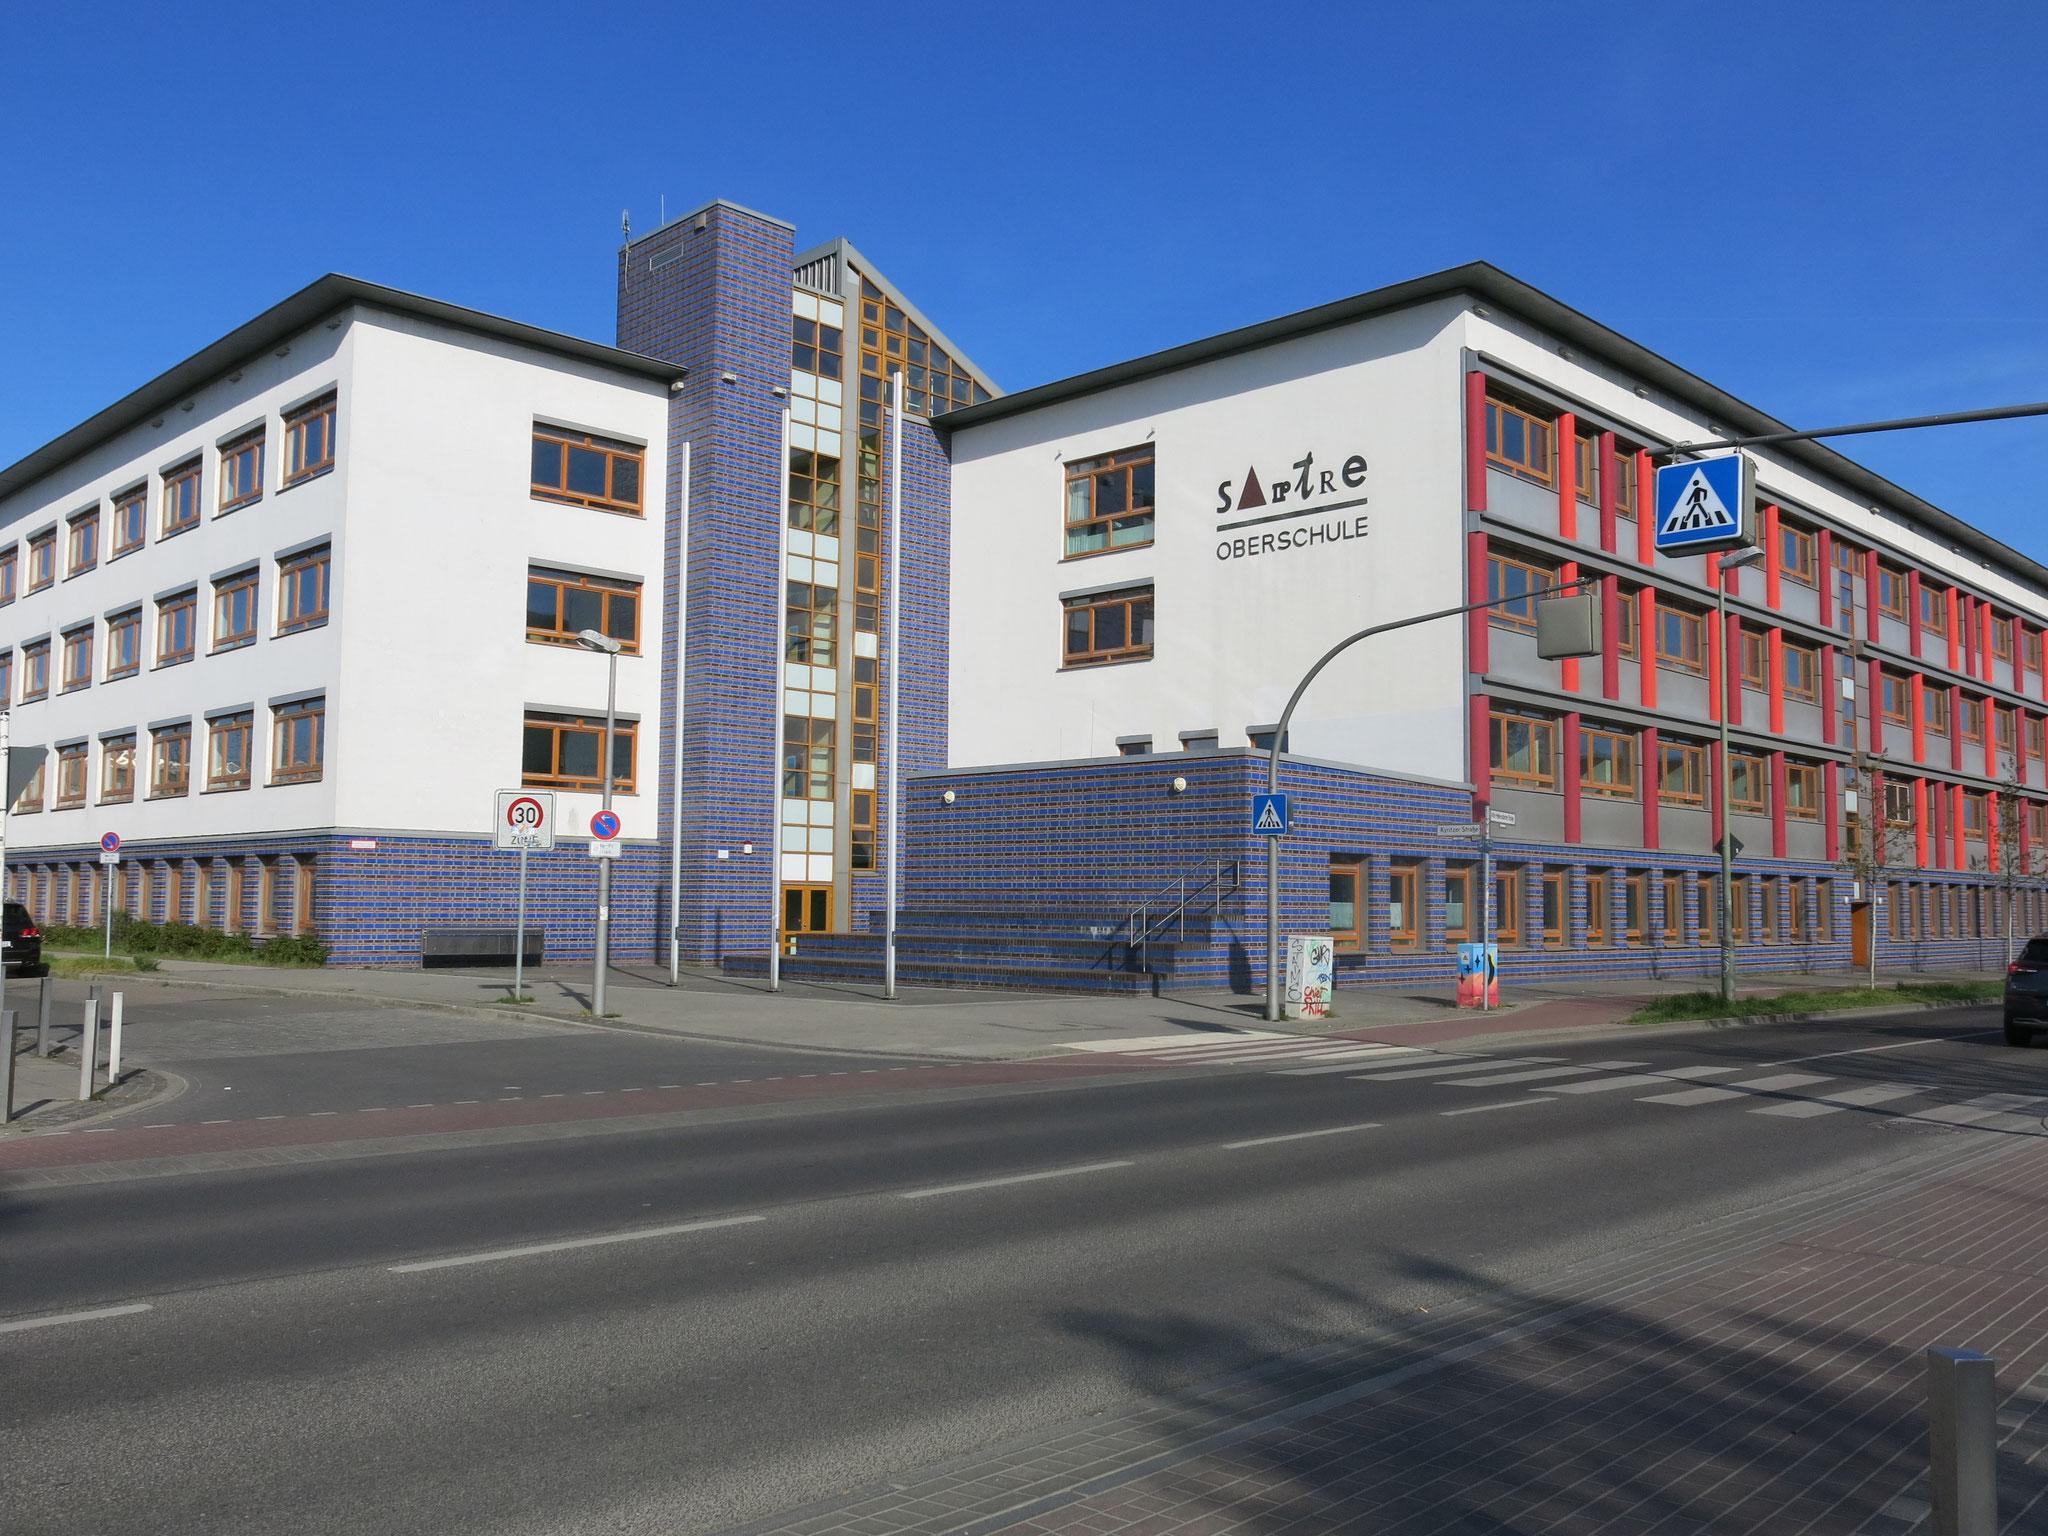 Tipp 3: Wuhle-Hönow-Weg, Sartre-Gymnasium